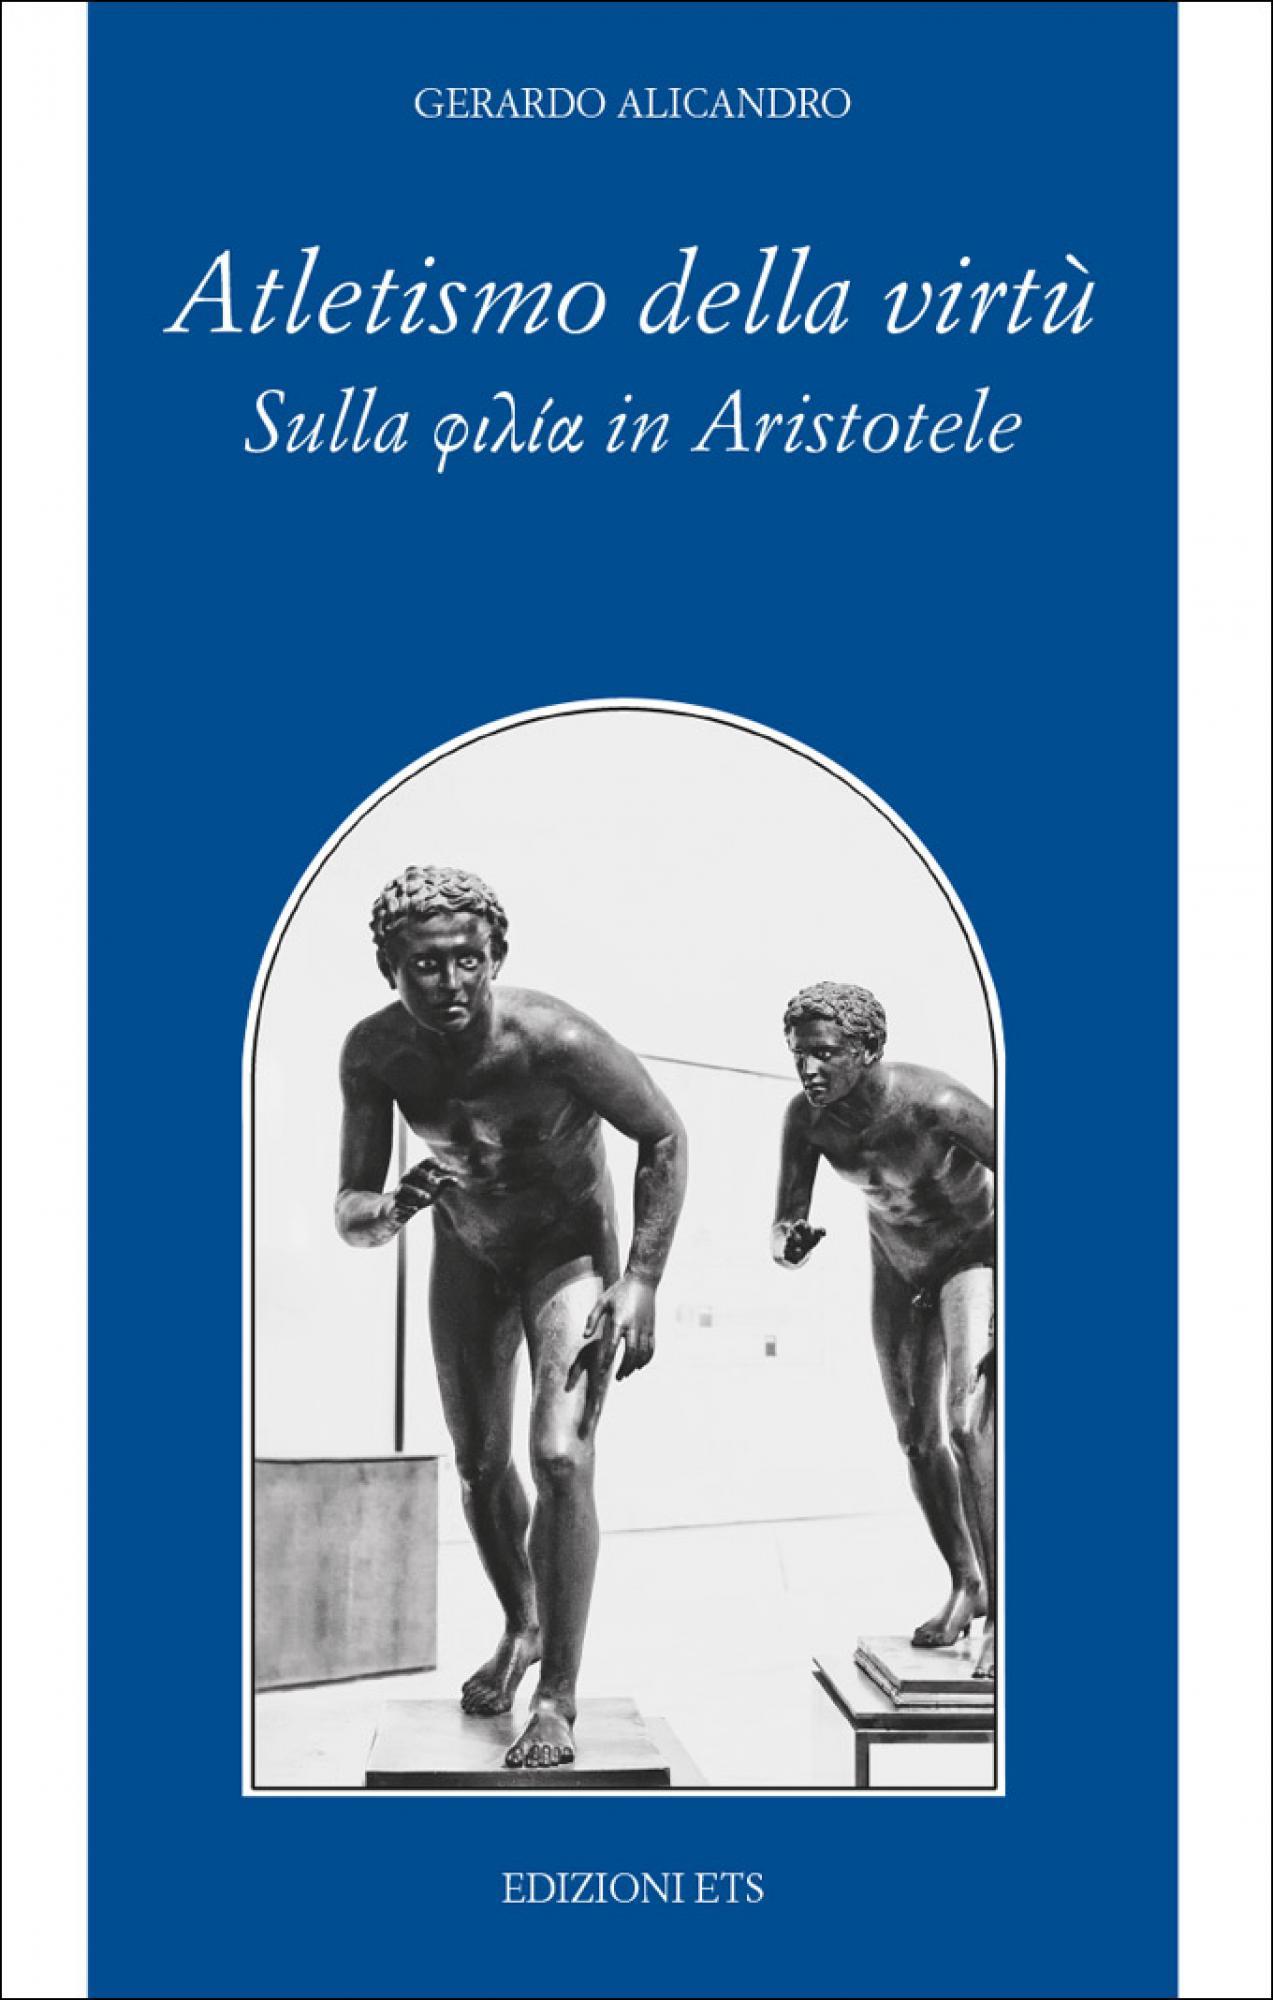 Atletismo della virtù.Sulla φιλία in Aristotele